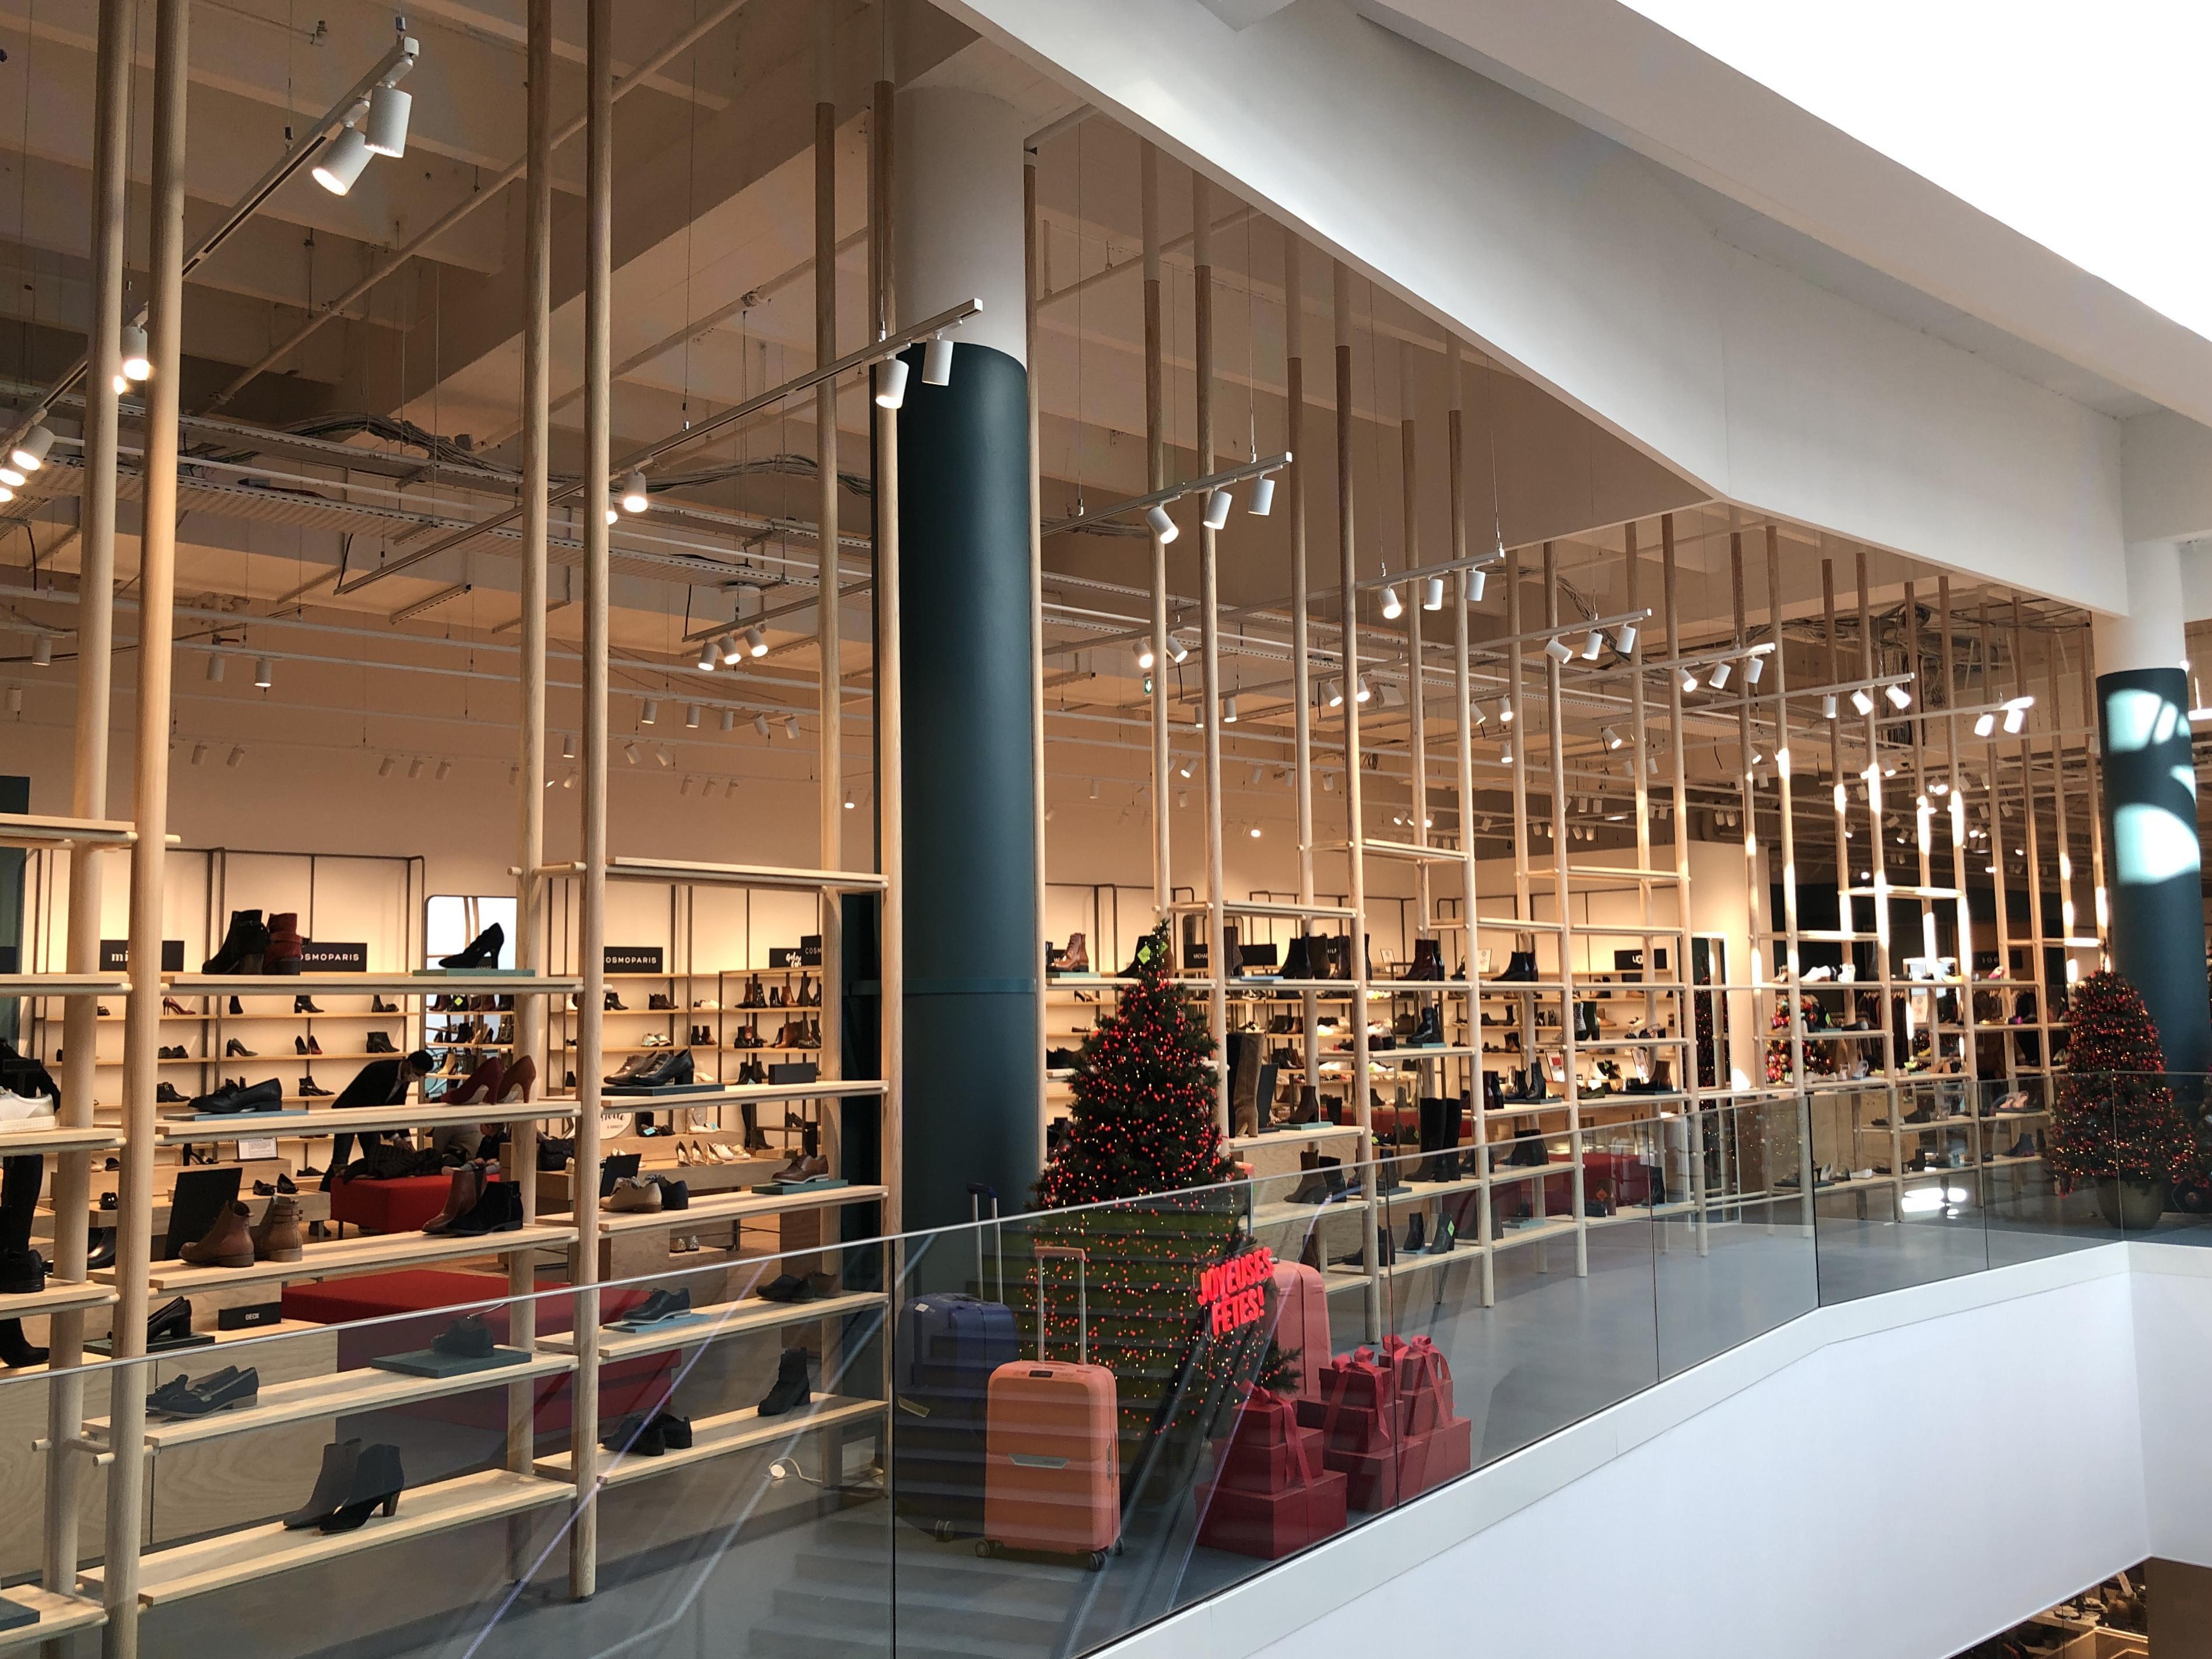 Du mobilier et des éléments de décoration ont été spécialement créés pour le grand magasin annécien.